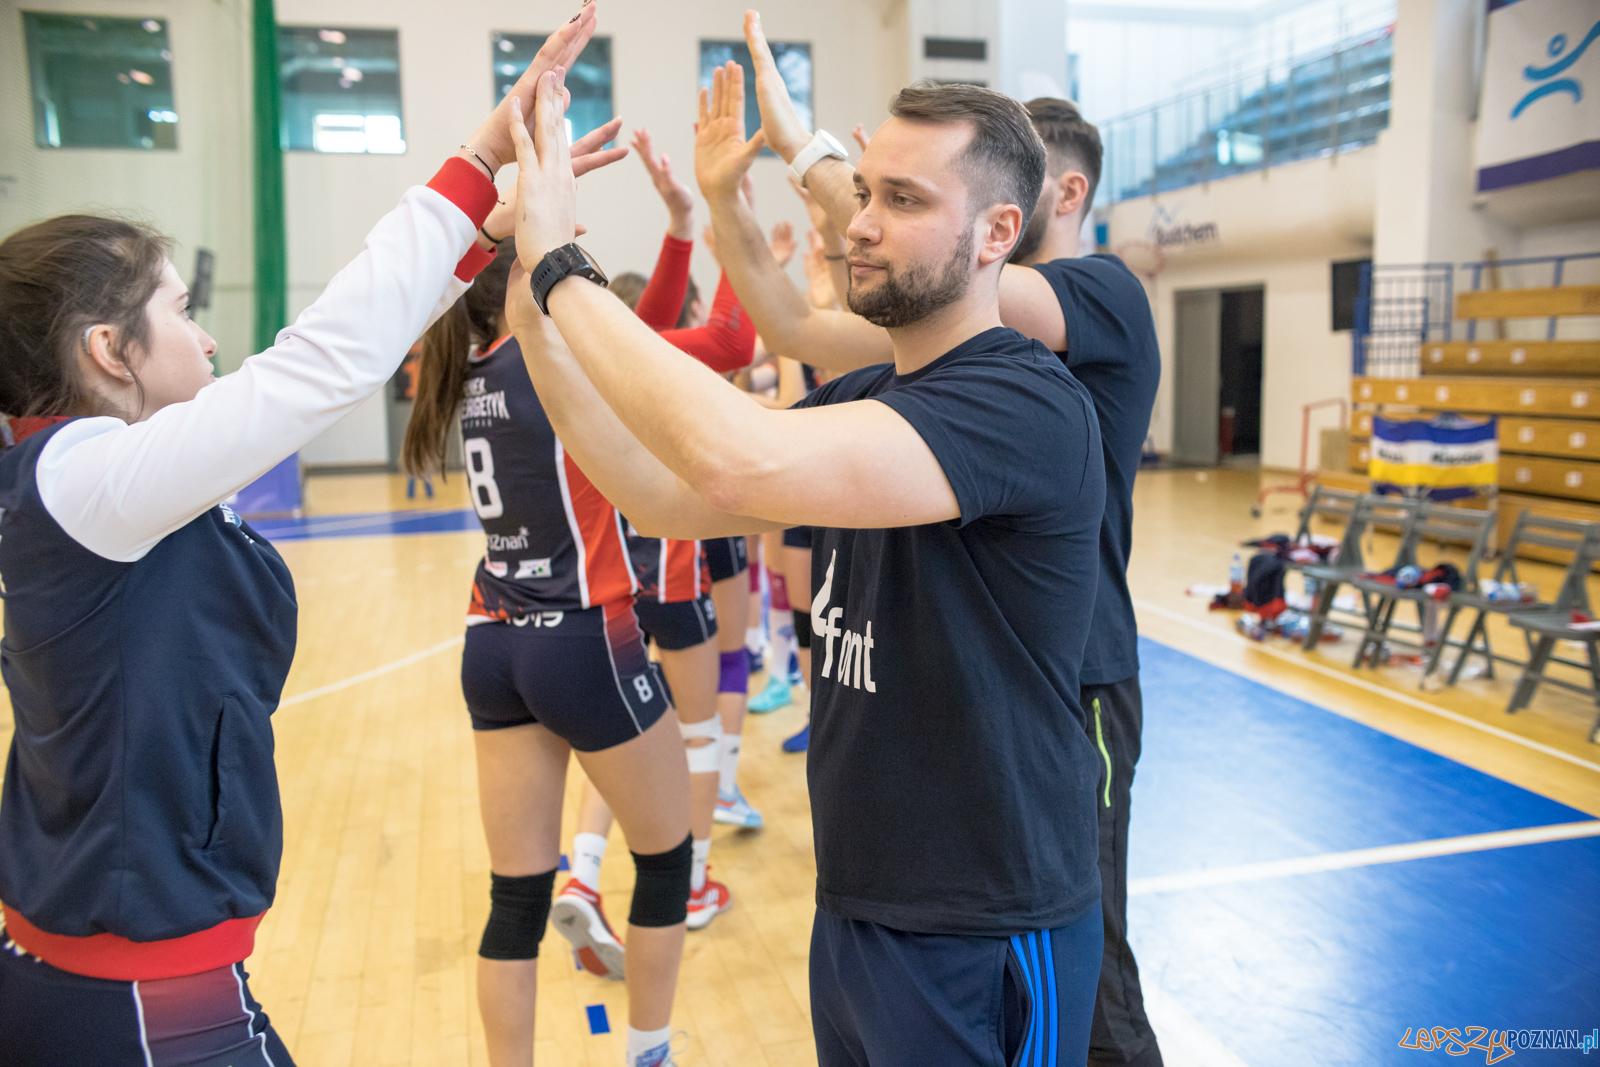 Mistrzostwa Wielkopolski Juniorek - Enea Energetyk Poznań - Ene  Foto: lepszyPOZNAN.pl/Piotr Rychter